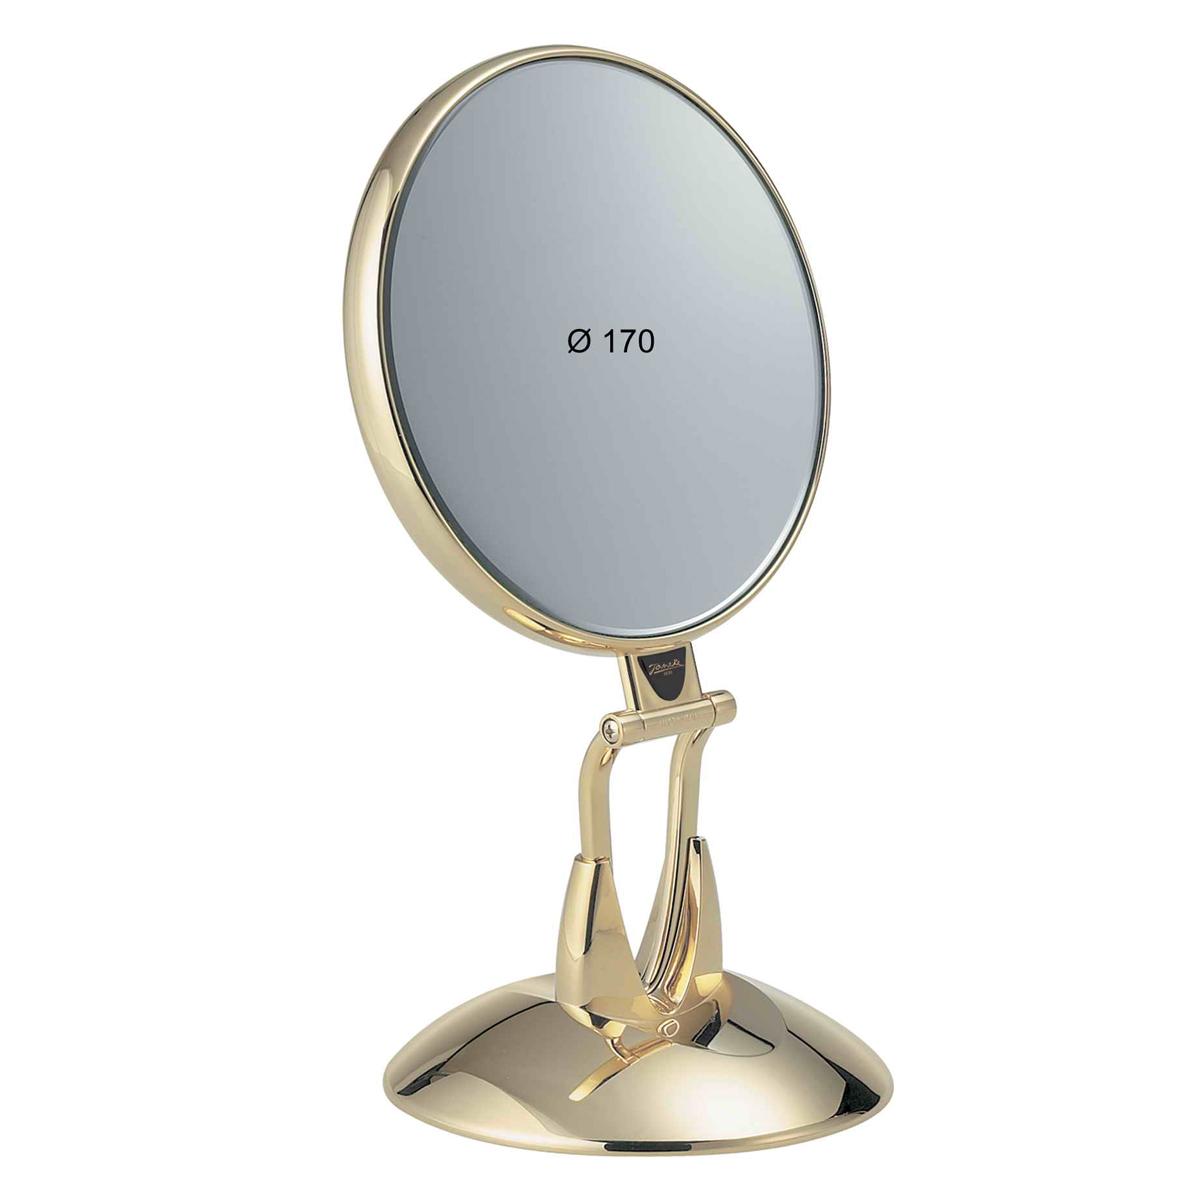 Janeke Зеркало настольное, линзы ZEISS, позолоченное, AU447.6SU.709977Марка Janeke – мировой лидер по производству расчесок, щеток, маникюрных принадлежностей, зеркал и косметичек. Марка Janeke, основанная в 1830 году, вот уже почти 180 лет поддерживает непревзойденное качество своей продукции, сочетая новейшие технологии с традициями ста- рых миланских мастеров. Все изделия на 80% производятся вручную, а инновационные технологии и современные материалы делают продукцию марки поистине уникальной. Стильный и эргономичный дизайн, яркие цветовые решения – все это приносит истин- ное удовольствие от использования аксессуаров Janeke. Зеркала для дома итальянской марки Janeke, изготовленные из высококачественных материалов и выполненные в оригинальном стильном дизайне, дополнят любой интерьер. Односторонние или двусторонние, с увеличением и без, на красивых и удобных подс- тавках – зеркала Janeke прослужат долго и доставят истинное удо- вольствие от использования